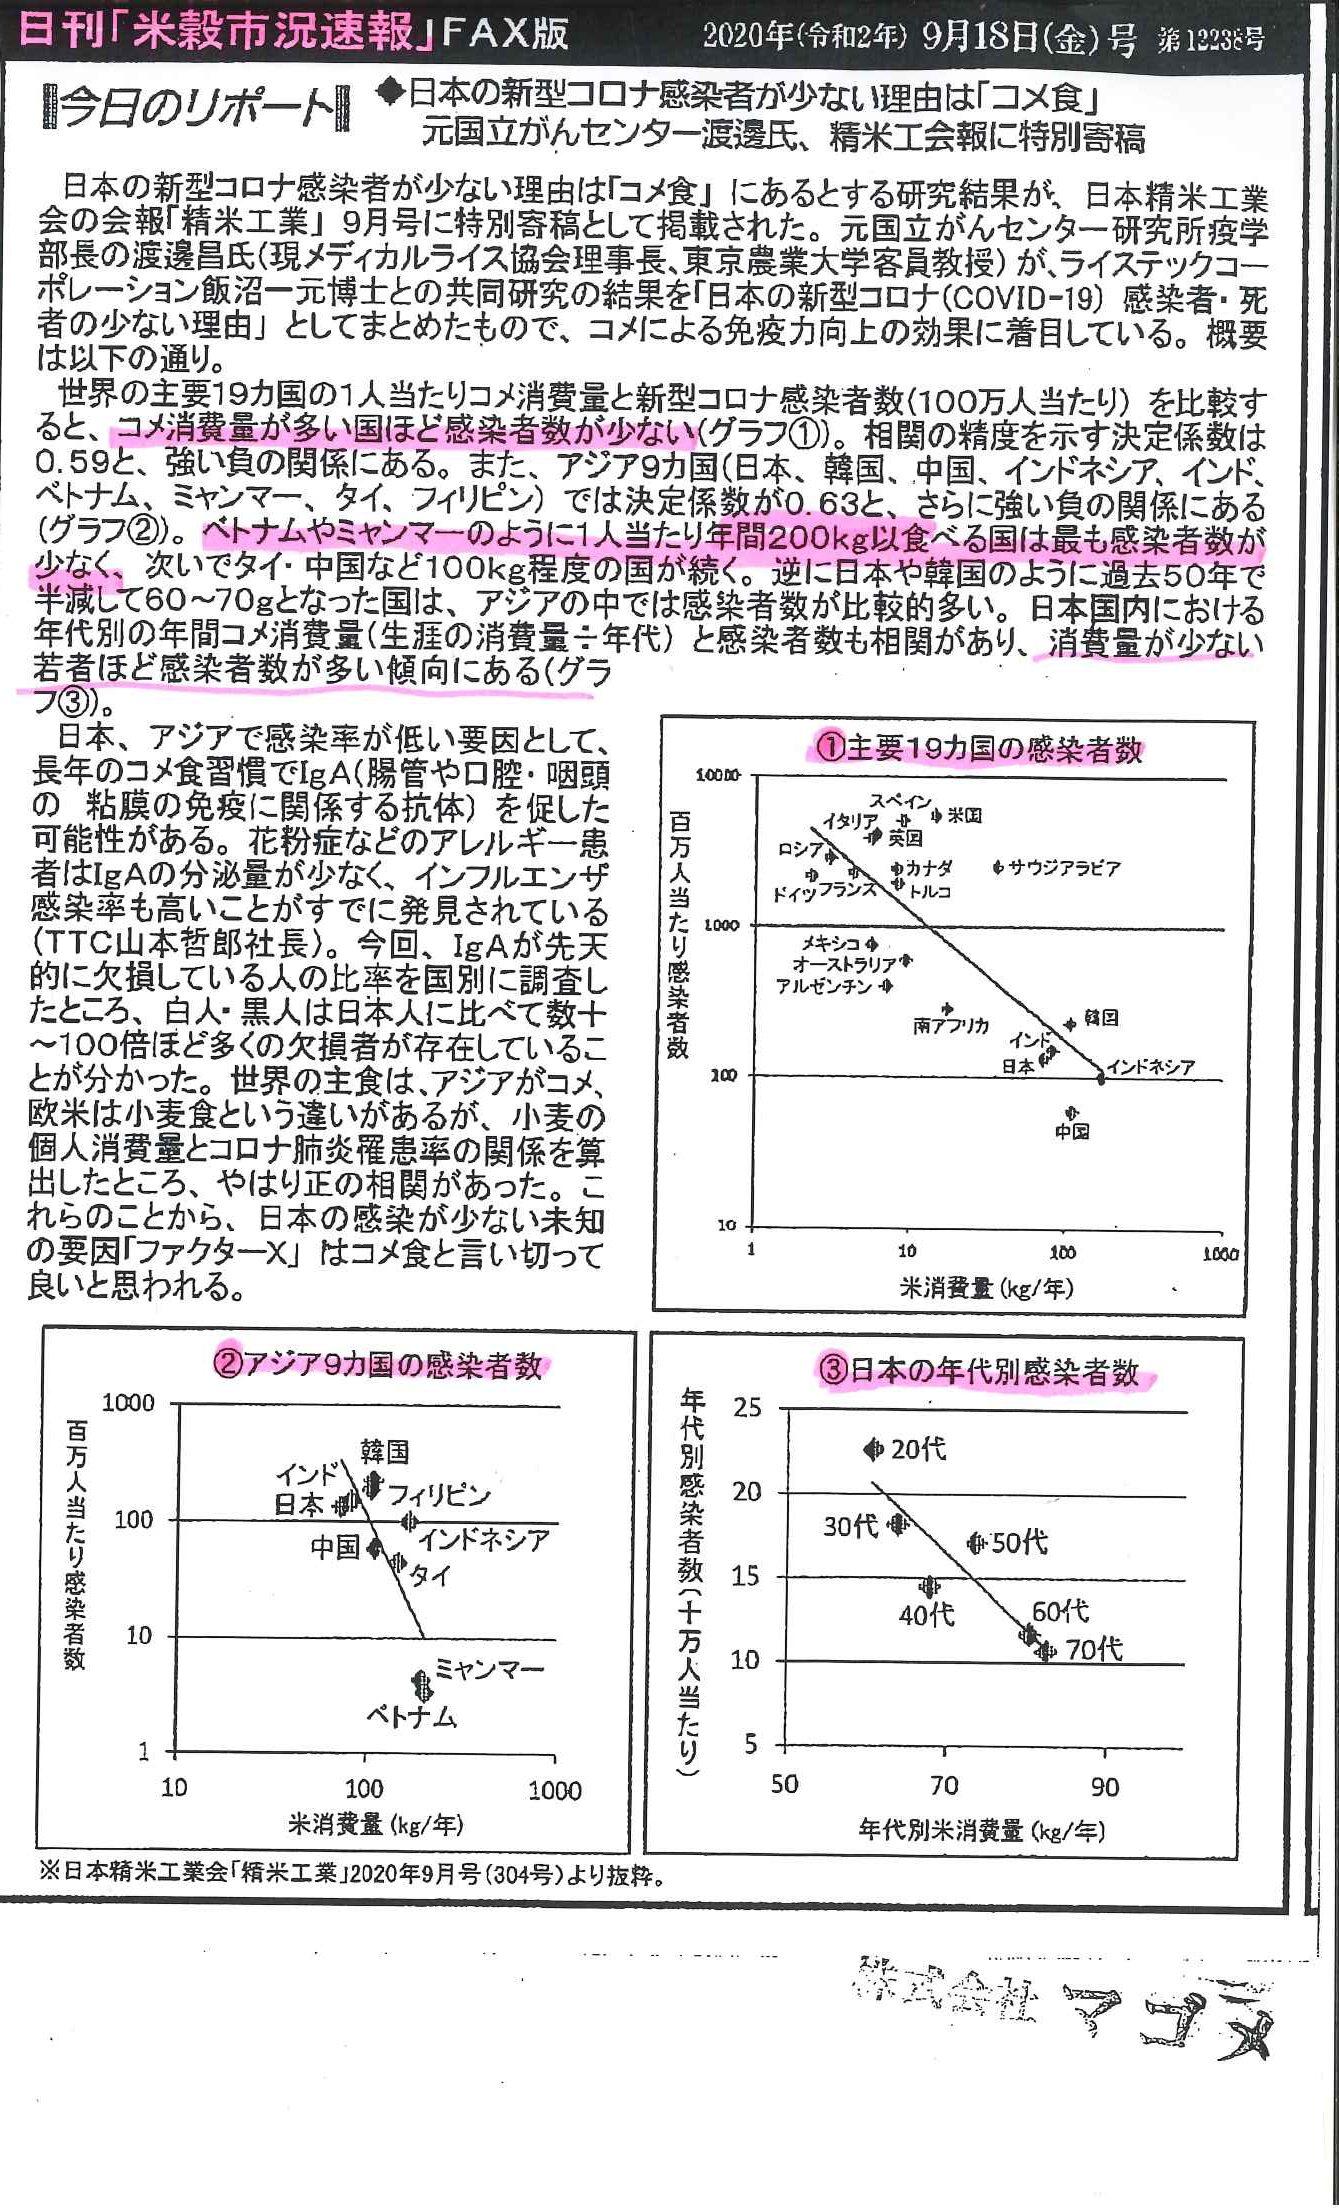 米の消費量とコロナ感染率